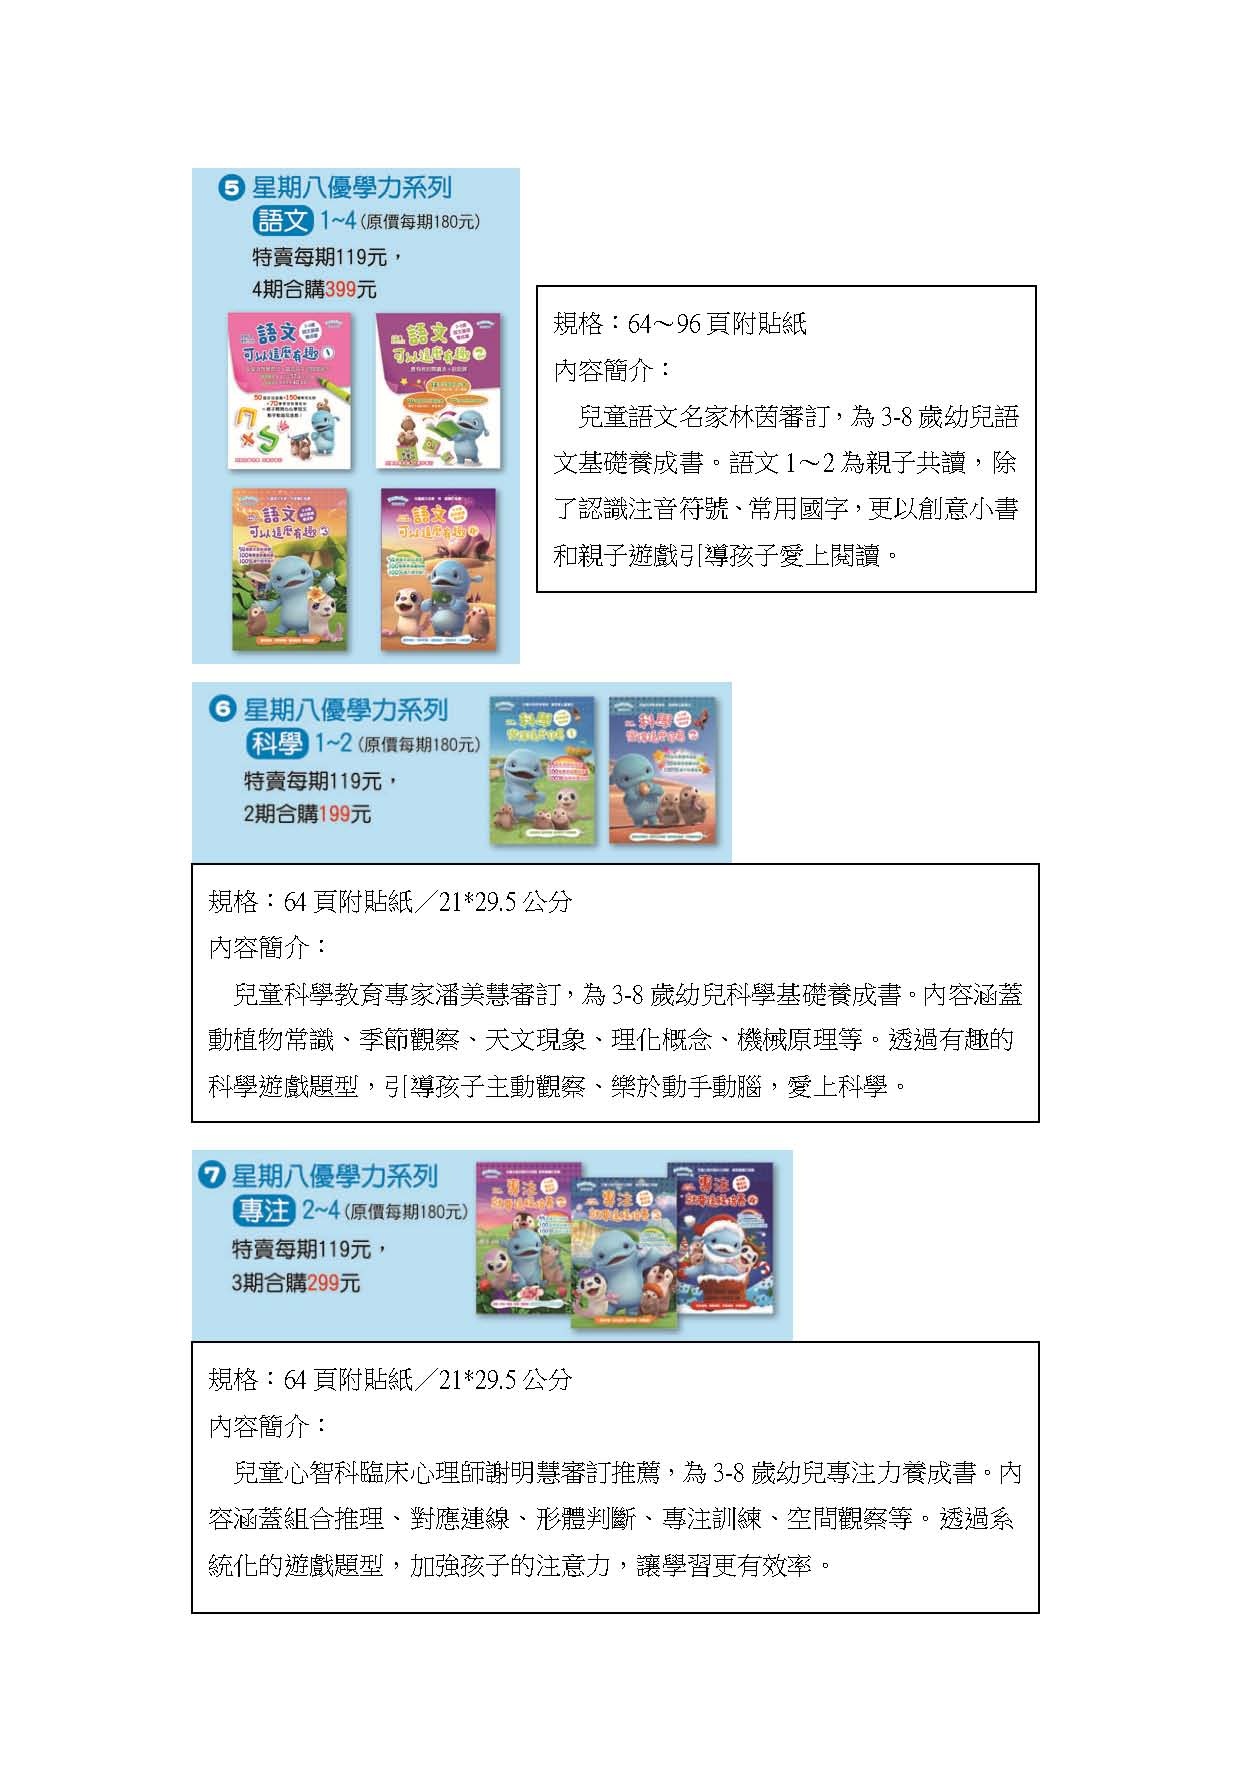 特賣商品簡介_頁面_4